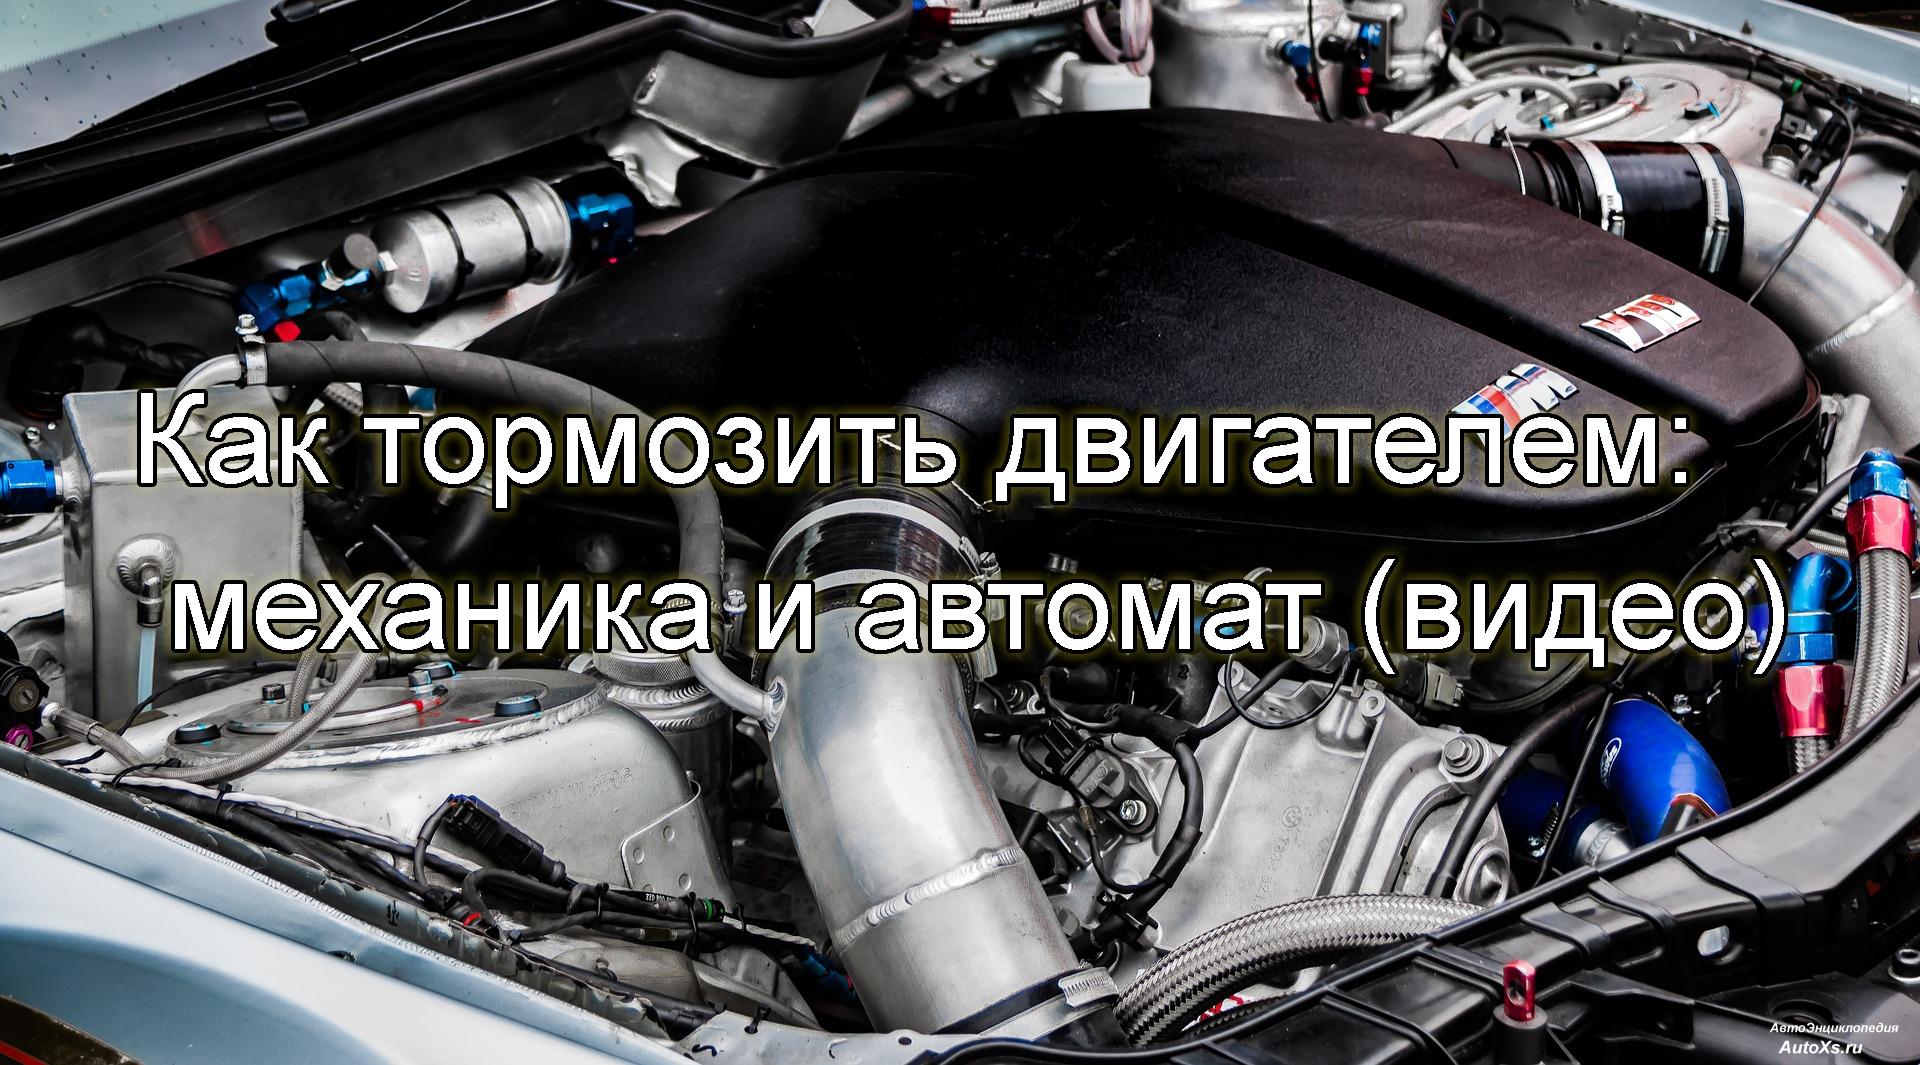 Как тормозить двигателем: механика и автомат (видео)